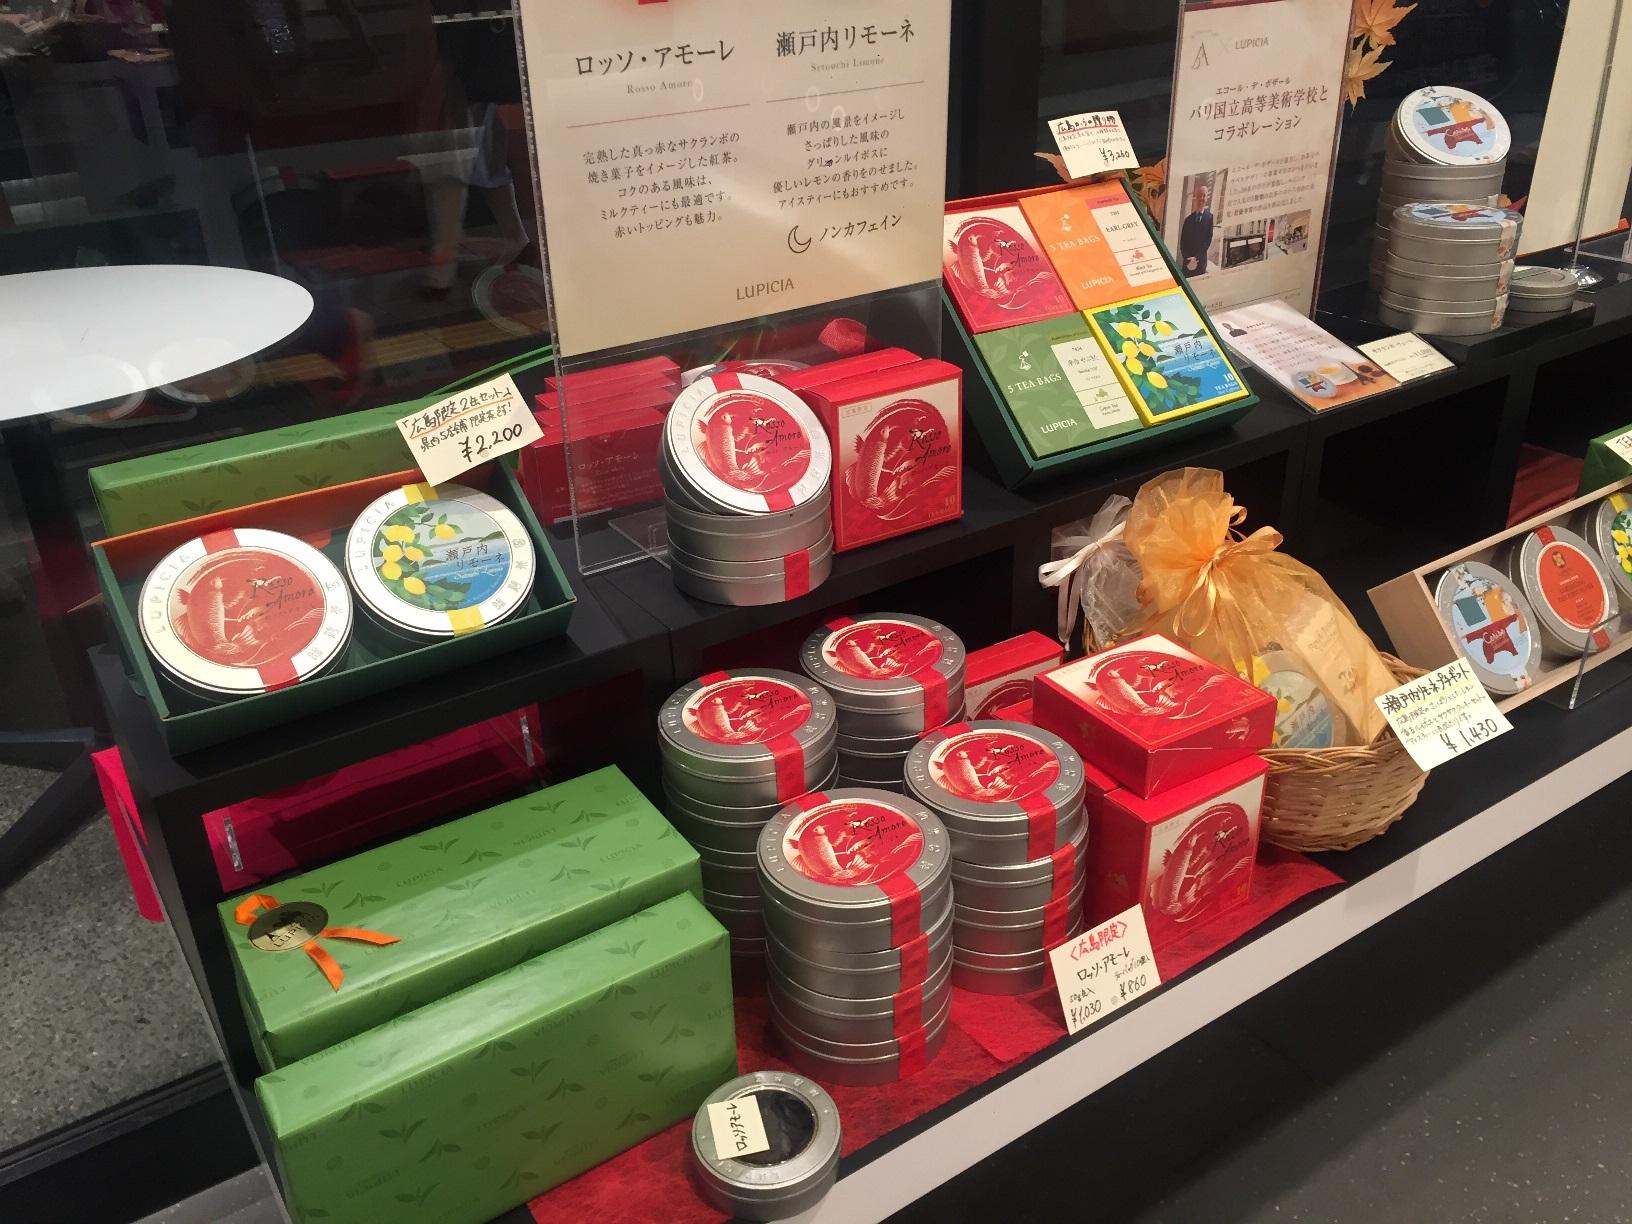 広島のおしゃれなお土産特集《2019年》- 人気の定番土産から話題のチョコ、スタバの限定タンブラーも!_28